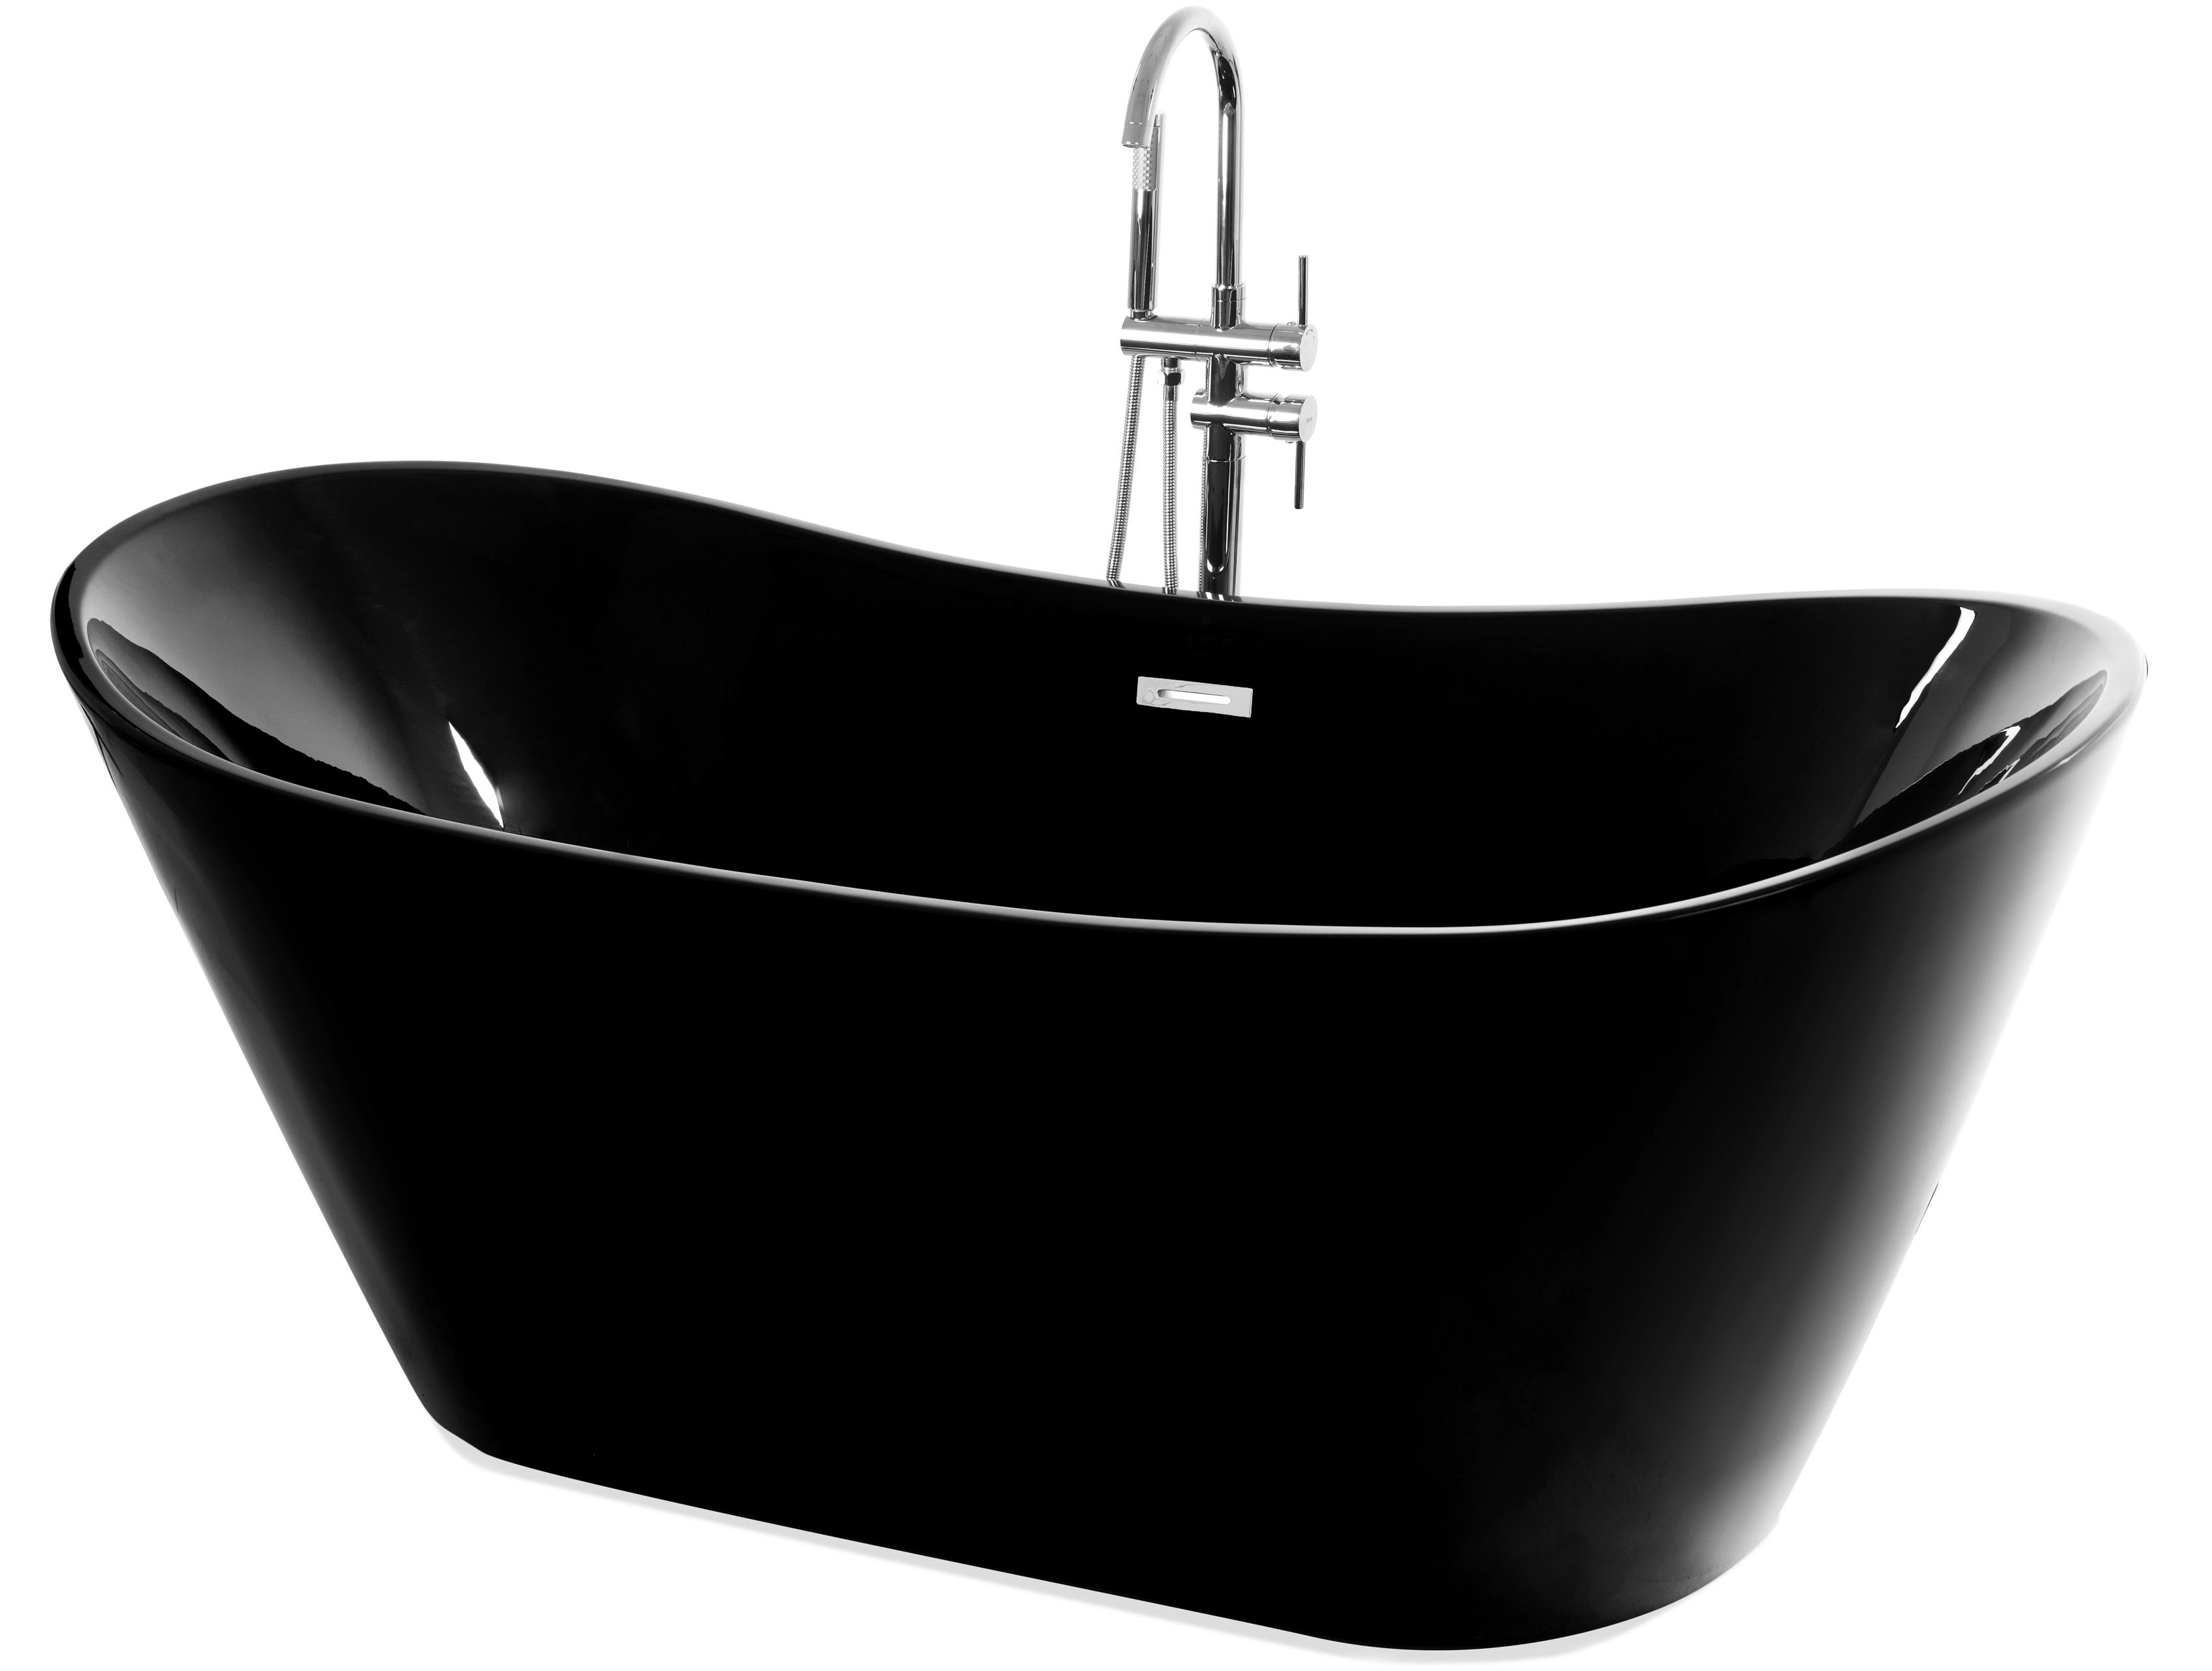 REA Volně stojící vana Ferrano 170 černá REA-W6000